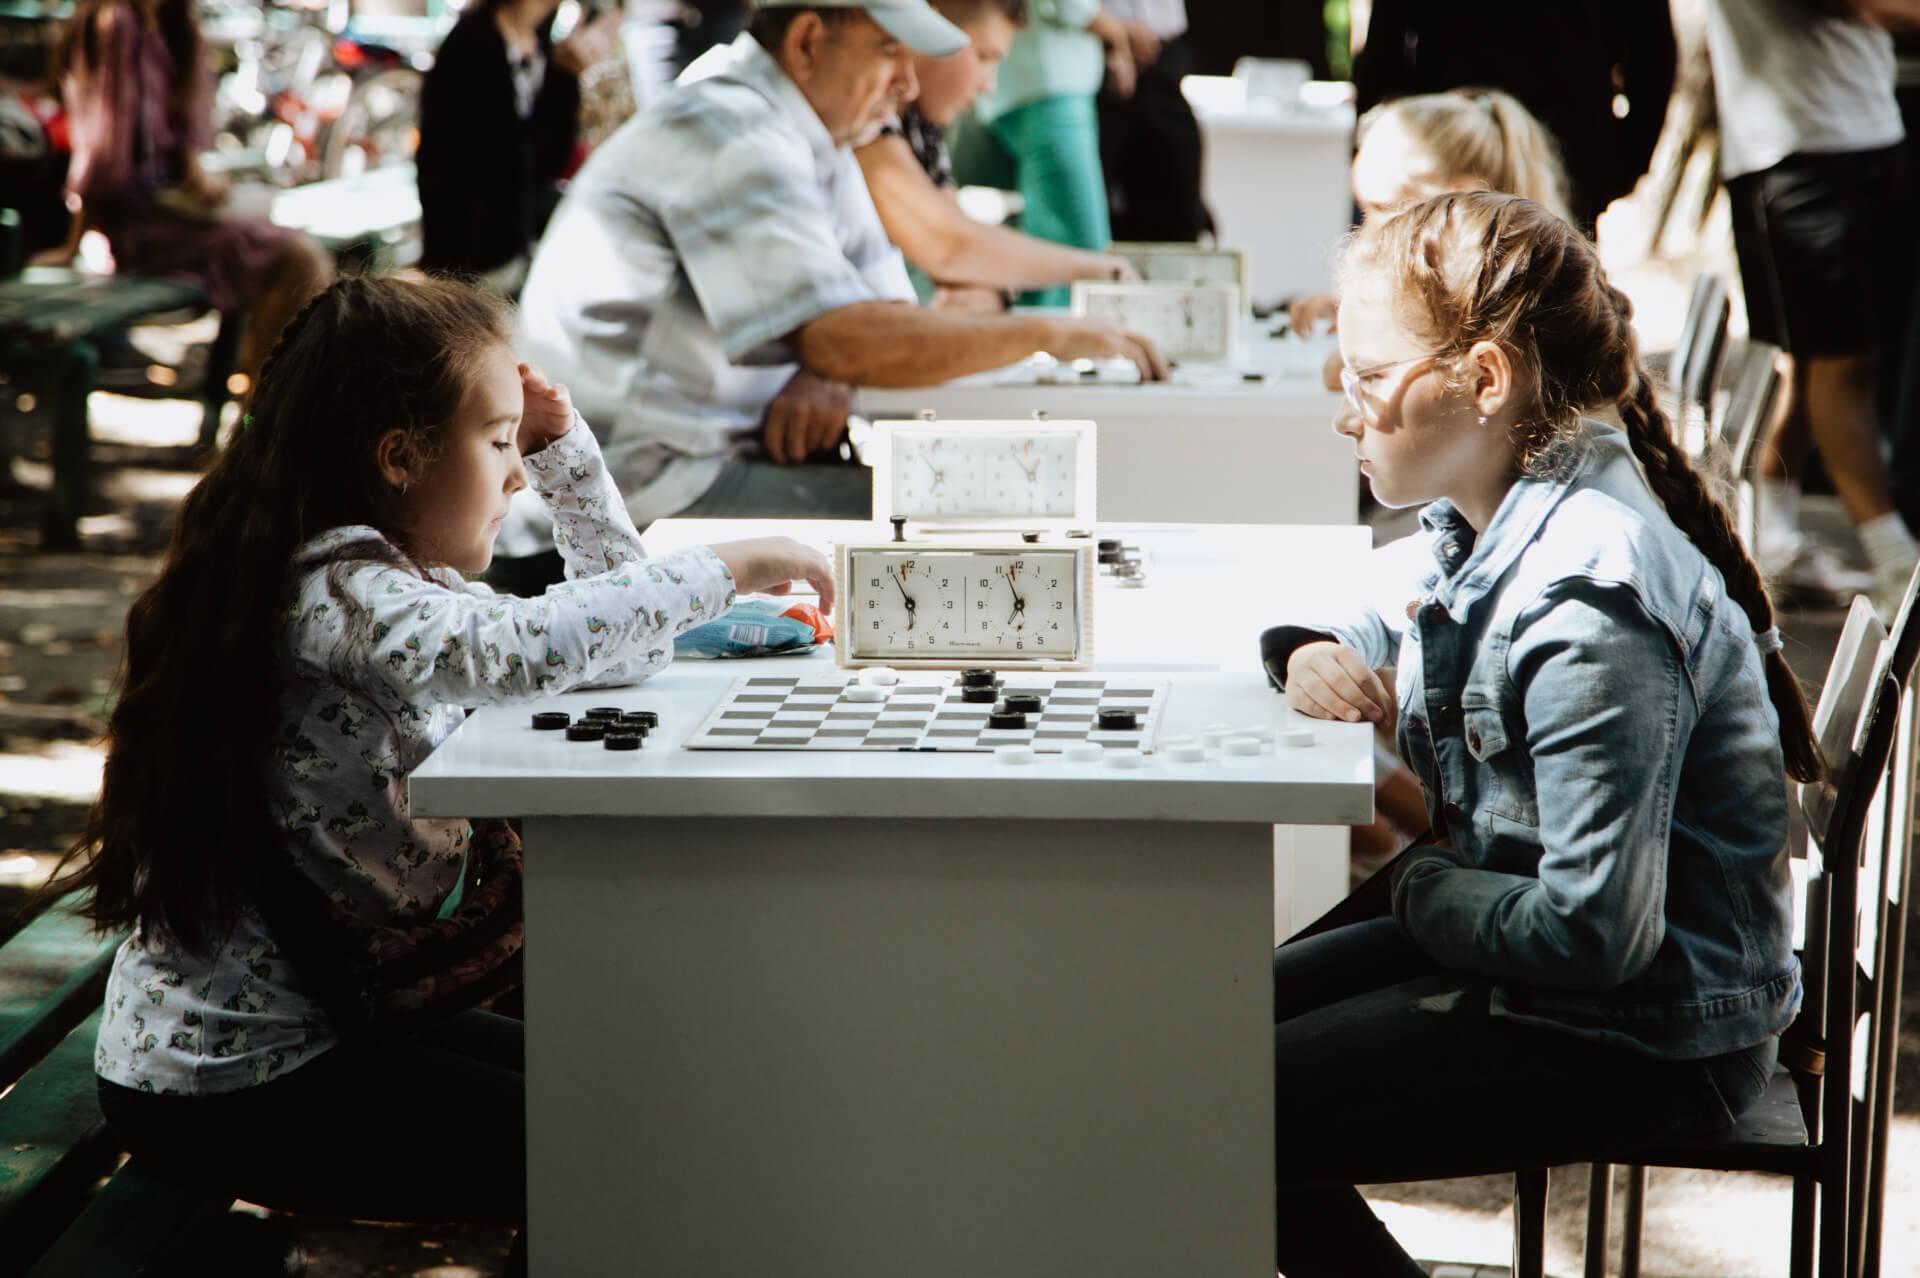 У Коломиї відбувся турнір із шашок, один з переможців отримав велосипед. Фоторепортаж